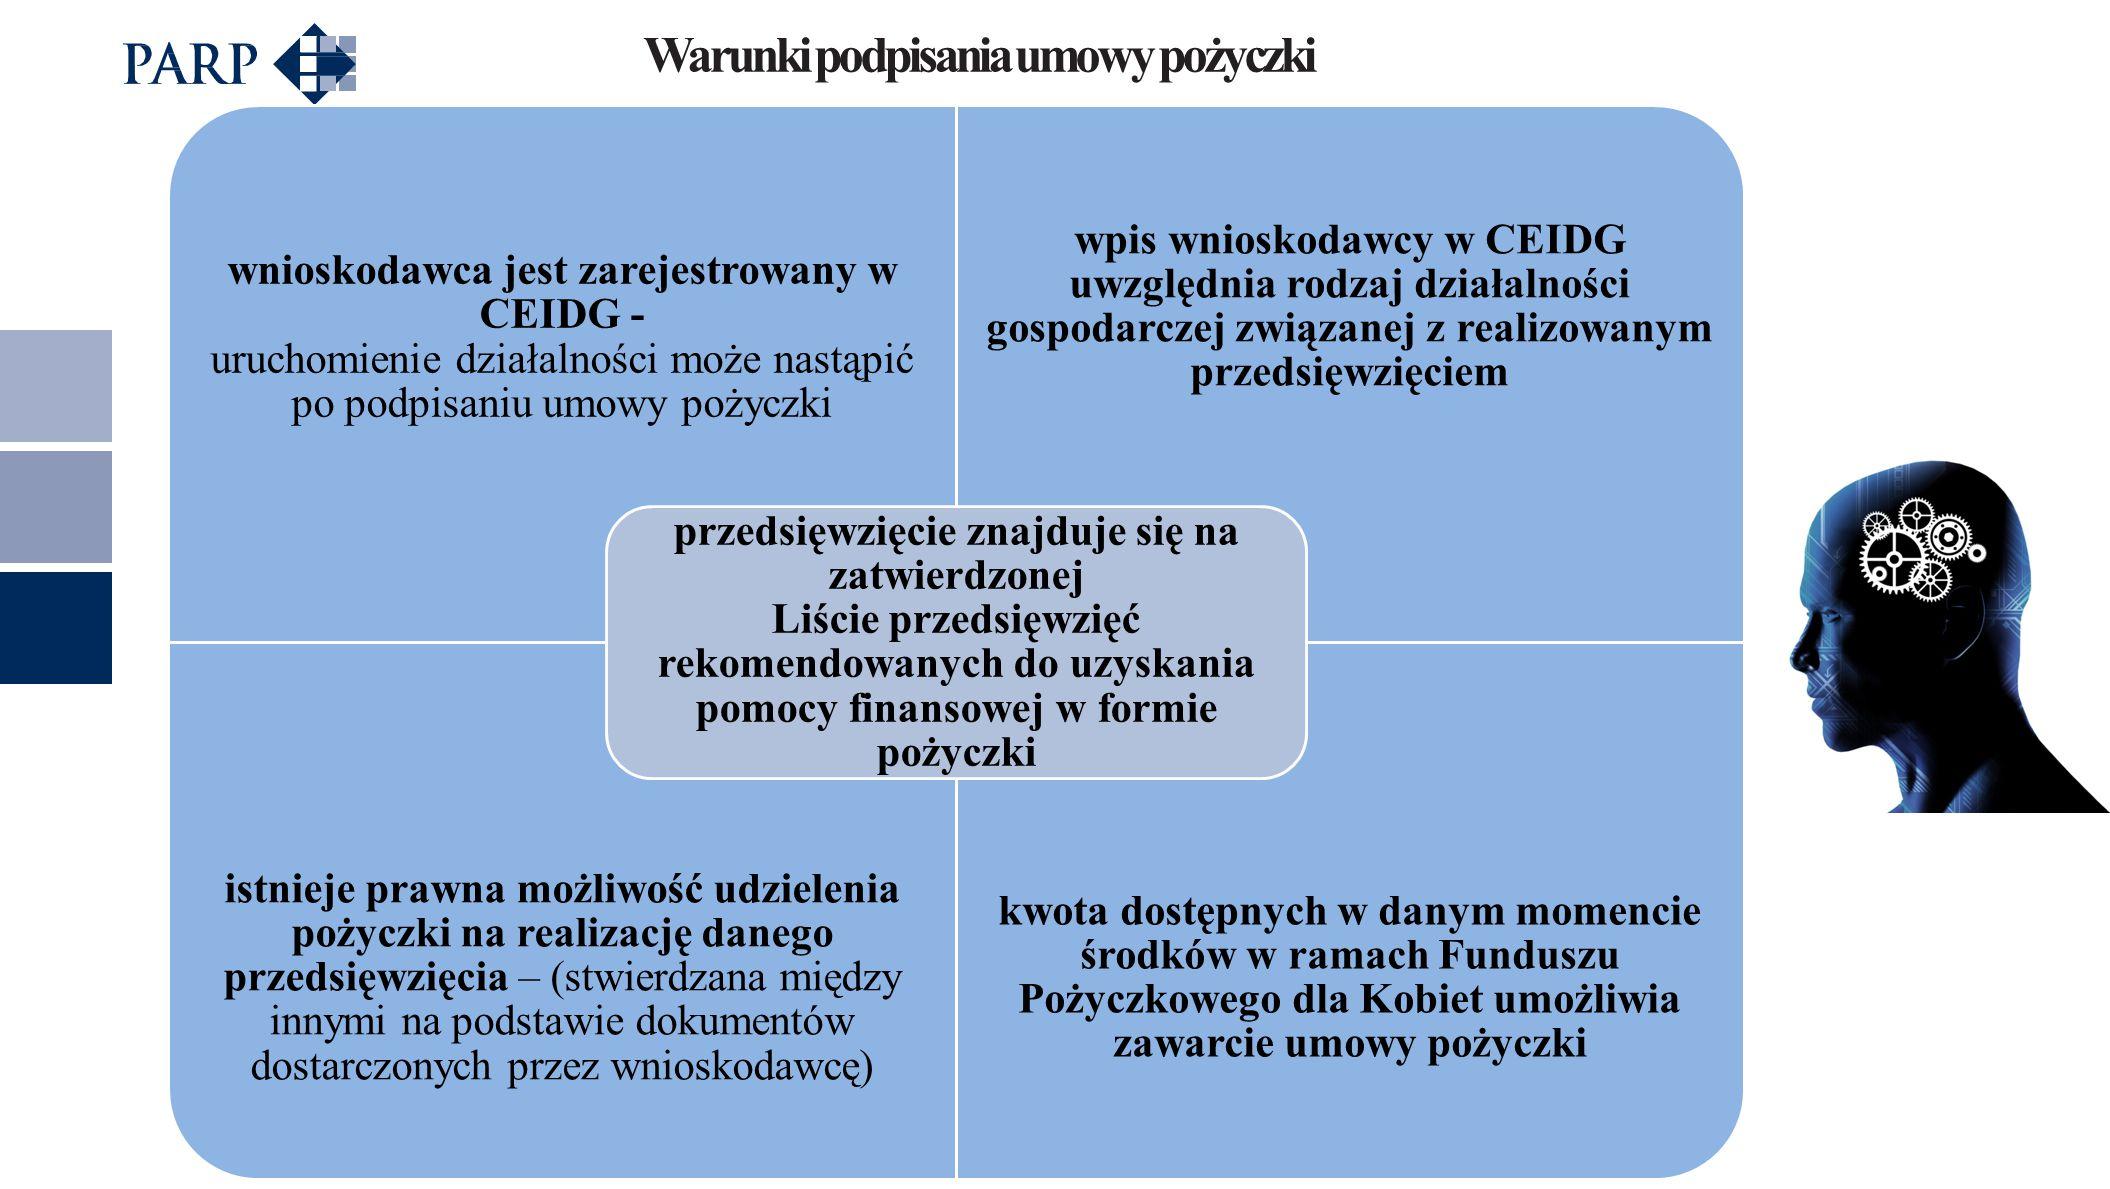 Warunki podpisania umowy pożyczki wnioskodawca jest zarejestrowany w CEIDG - uruchomienie działalności może nastąpić po podpisaniu umowy pożyczki wpis